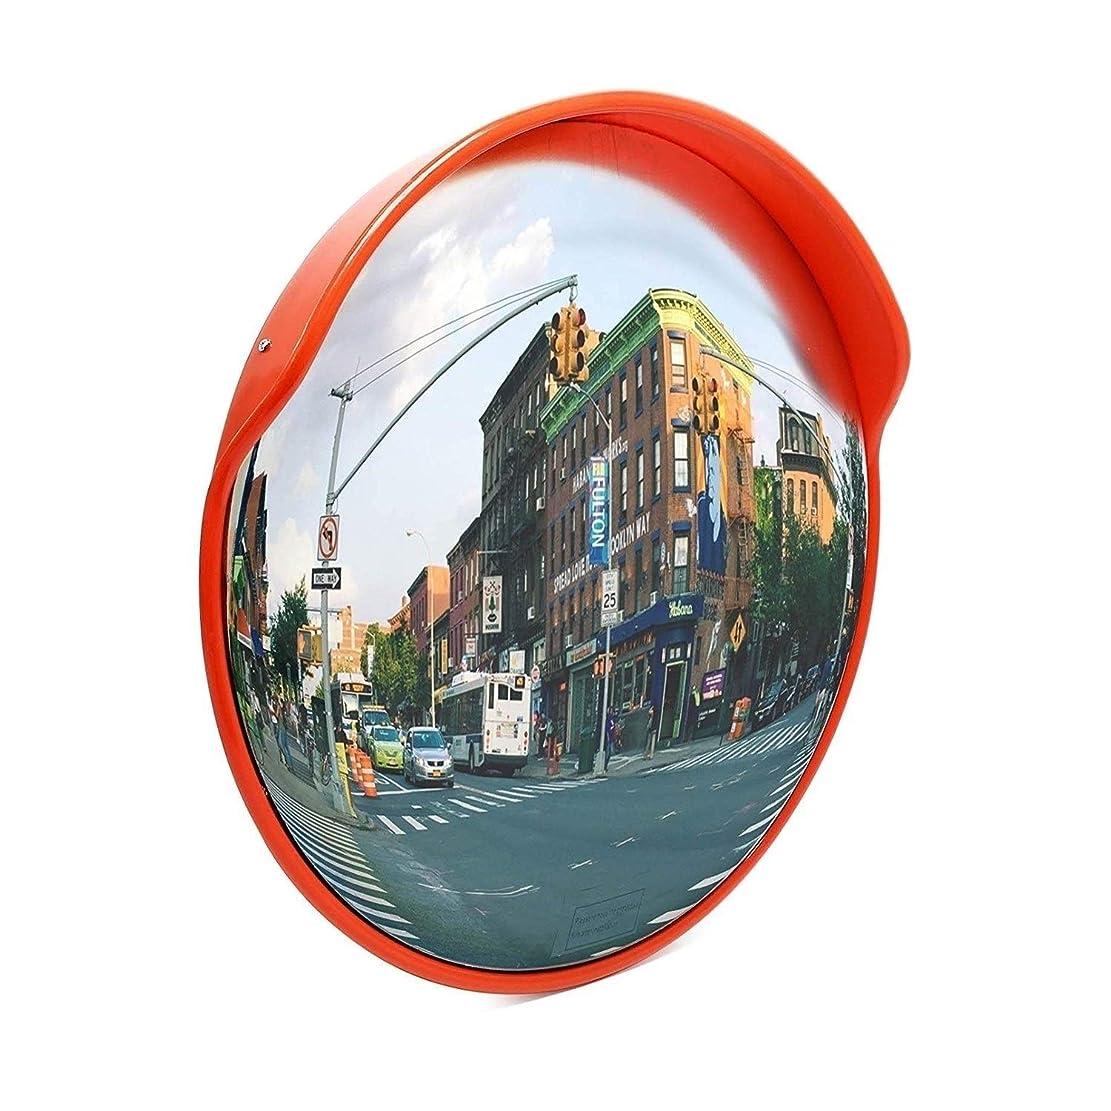 明らかになぞらえる男ZhanMaカーブミラー広角ビューを 屋内安全ミラーガレージ道路交通レンチキュラーコーナーミラー取り付け部品付きオレンジ警告機能45 cm 60 cm 80 cm 100 cm RGJ11-16 (Size : 45cm)